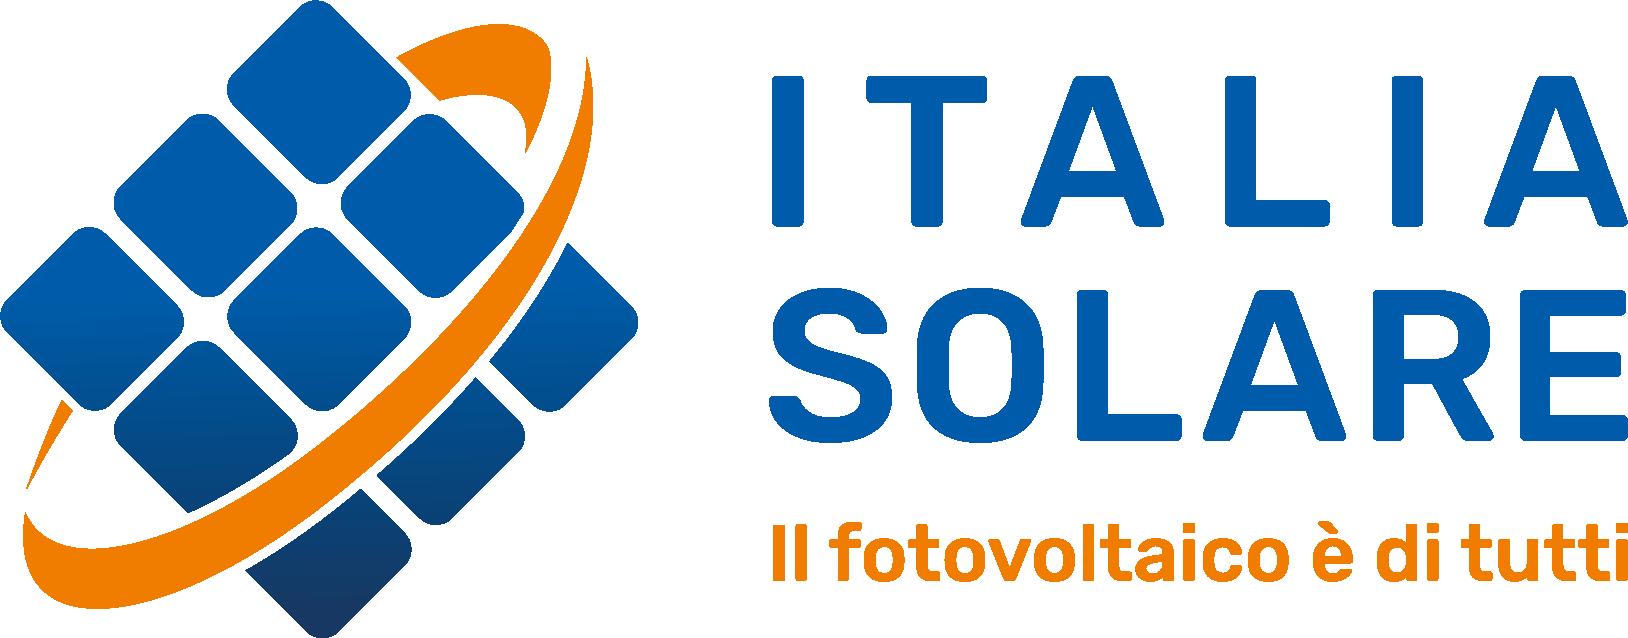 Associazione ITALIA SOLARE